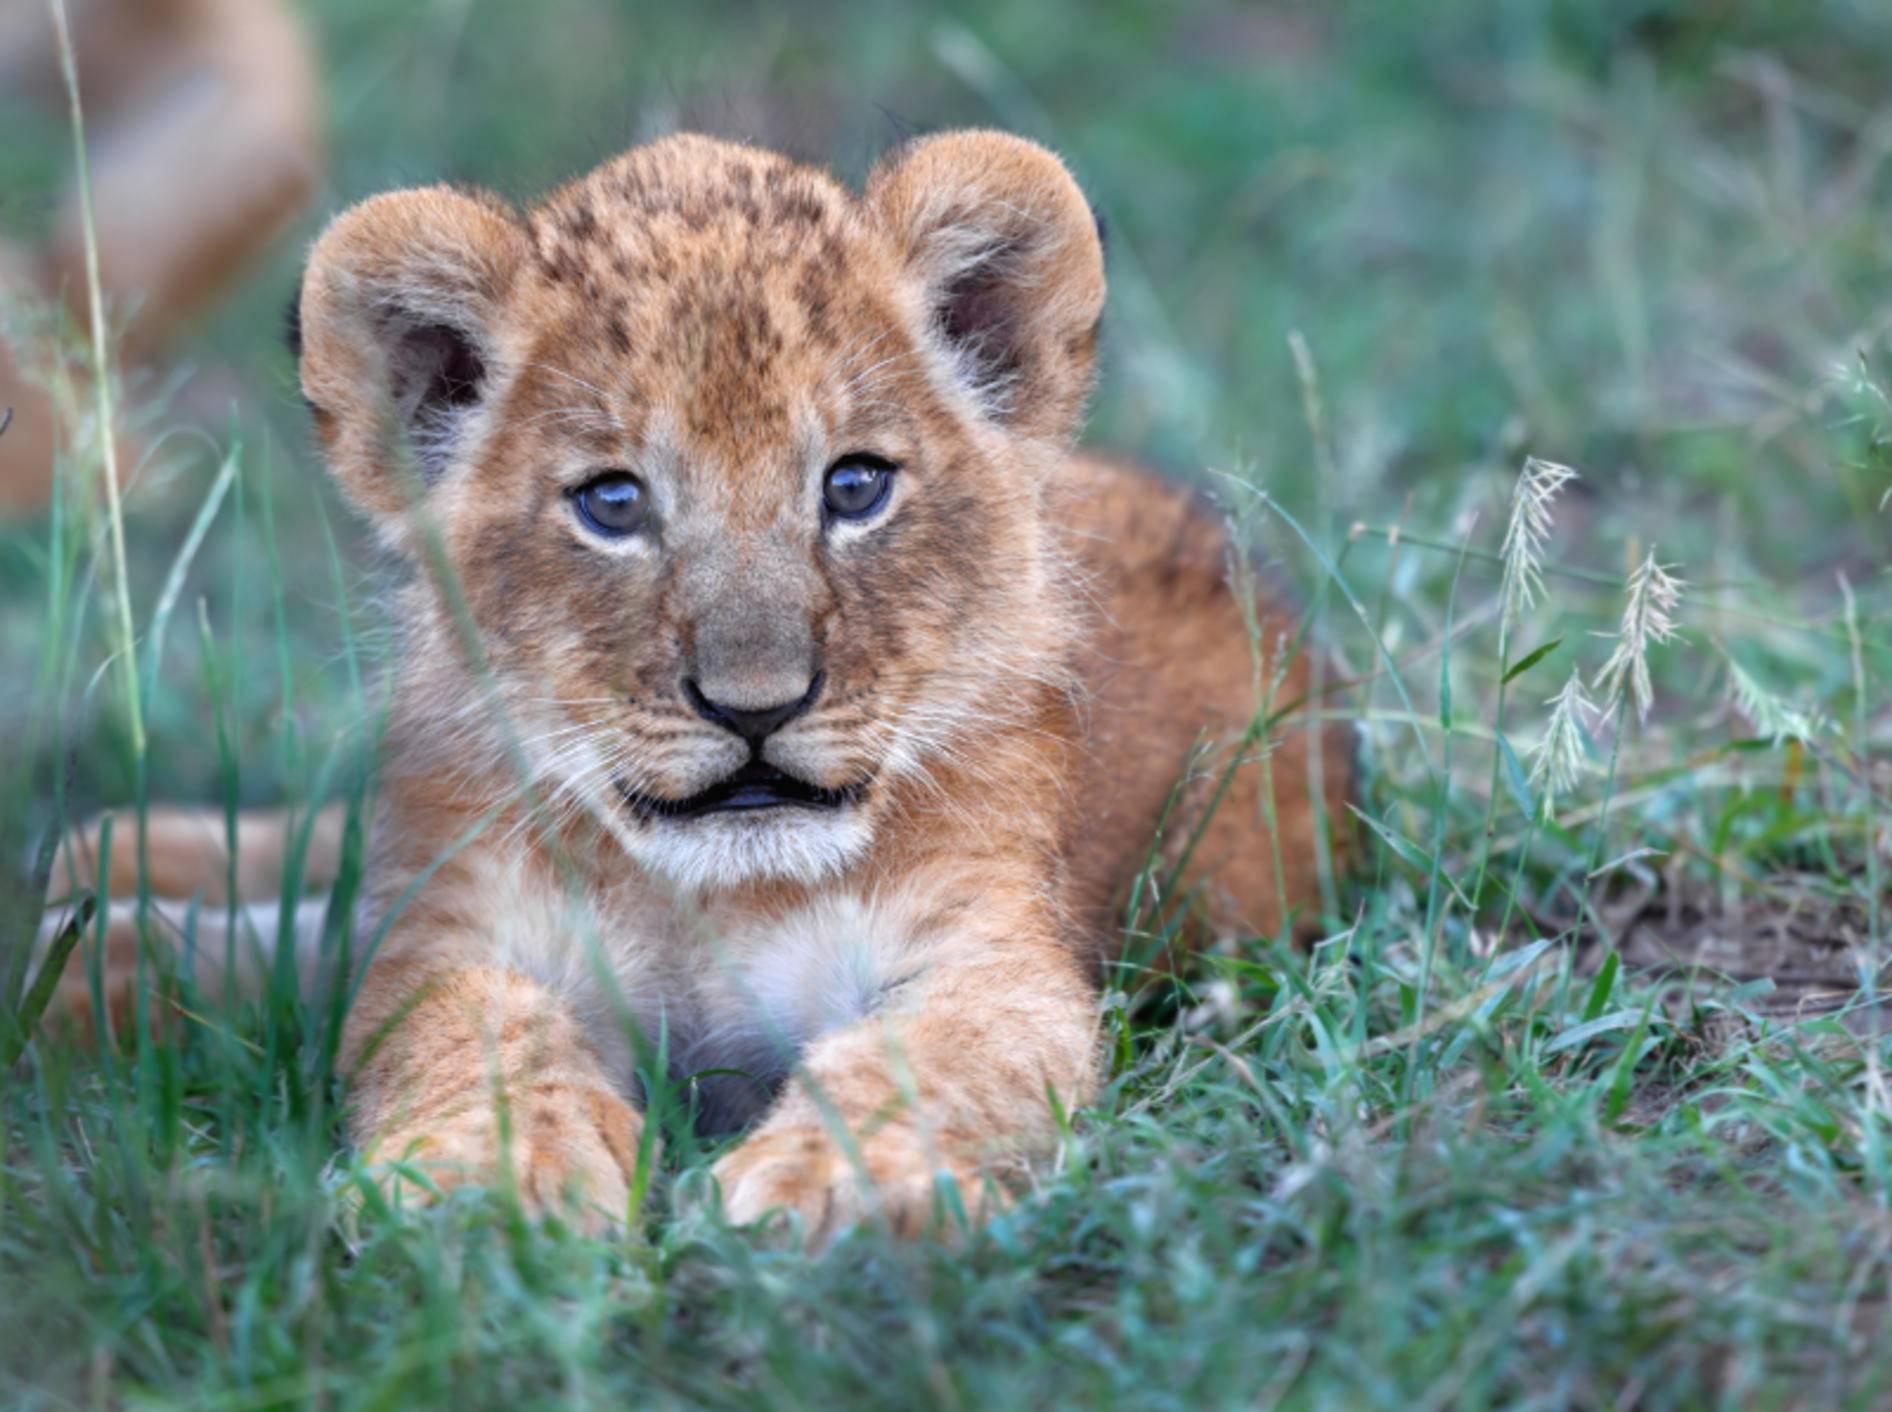 """""""Hallöchen, ich bin ein Löwenbaby! Sehe ich nicht süß aus?"""" – Bild: Shutterstock / Maggy Meyer"""